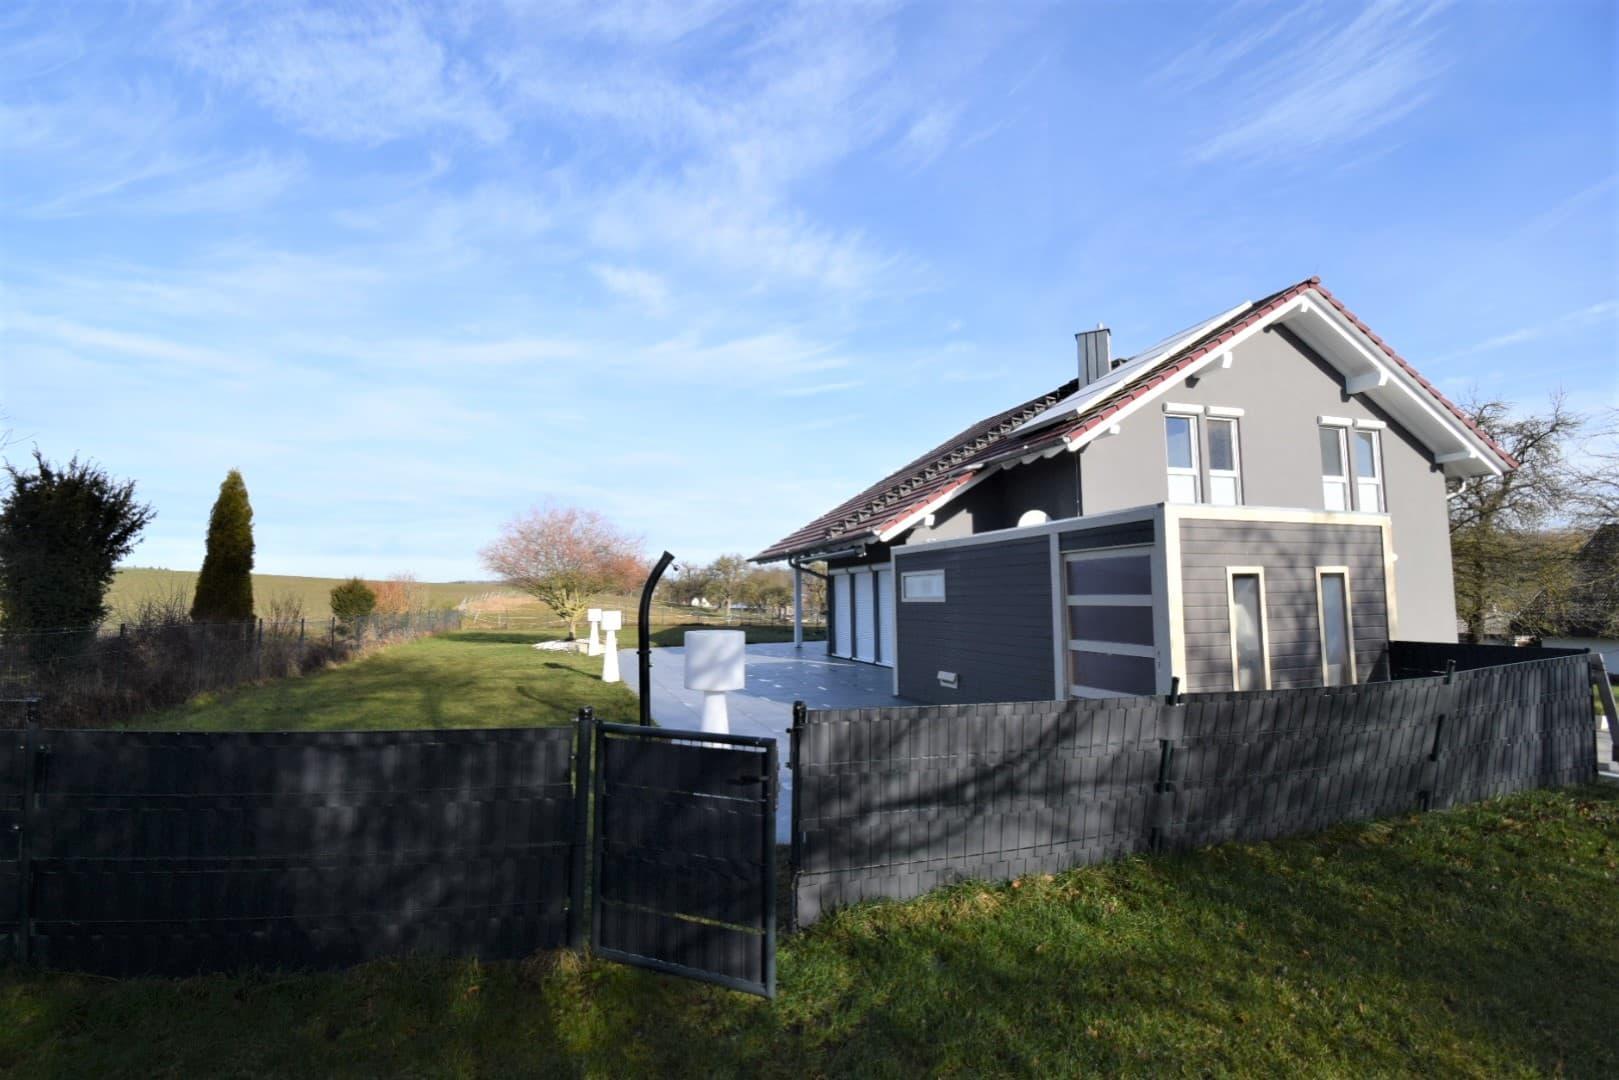 Verkauft: Ruhe und Komfort vereint – Einfamilienhaus mit gehobener Ausstattung inmitten der Natur